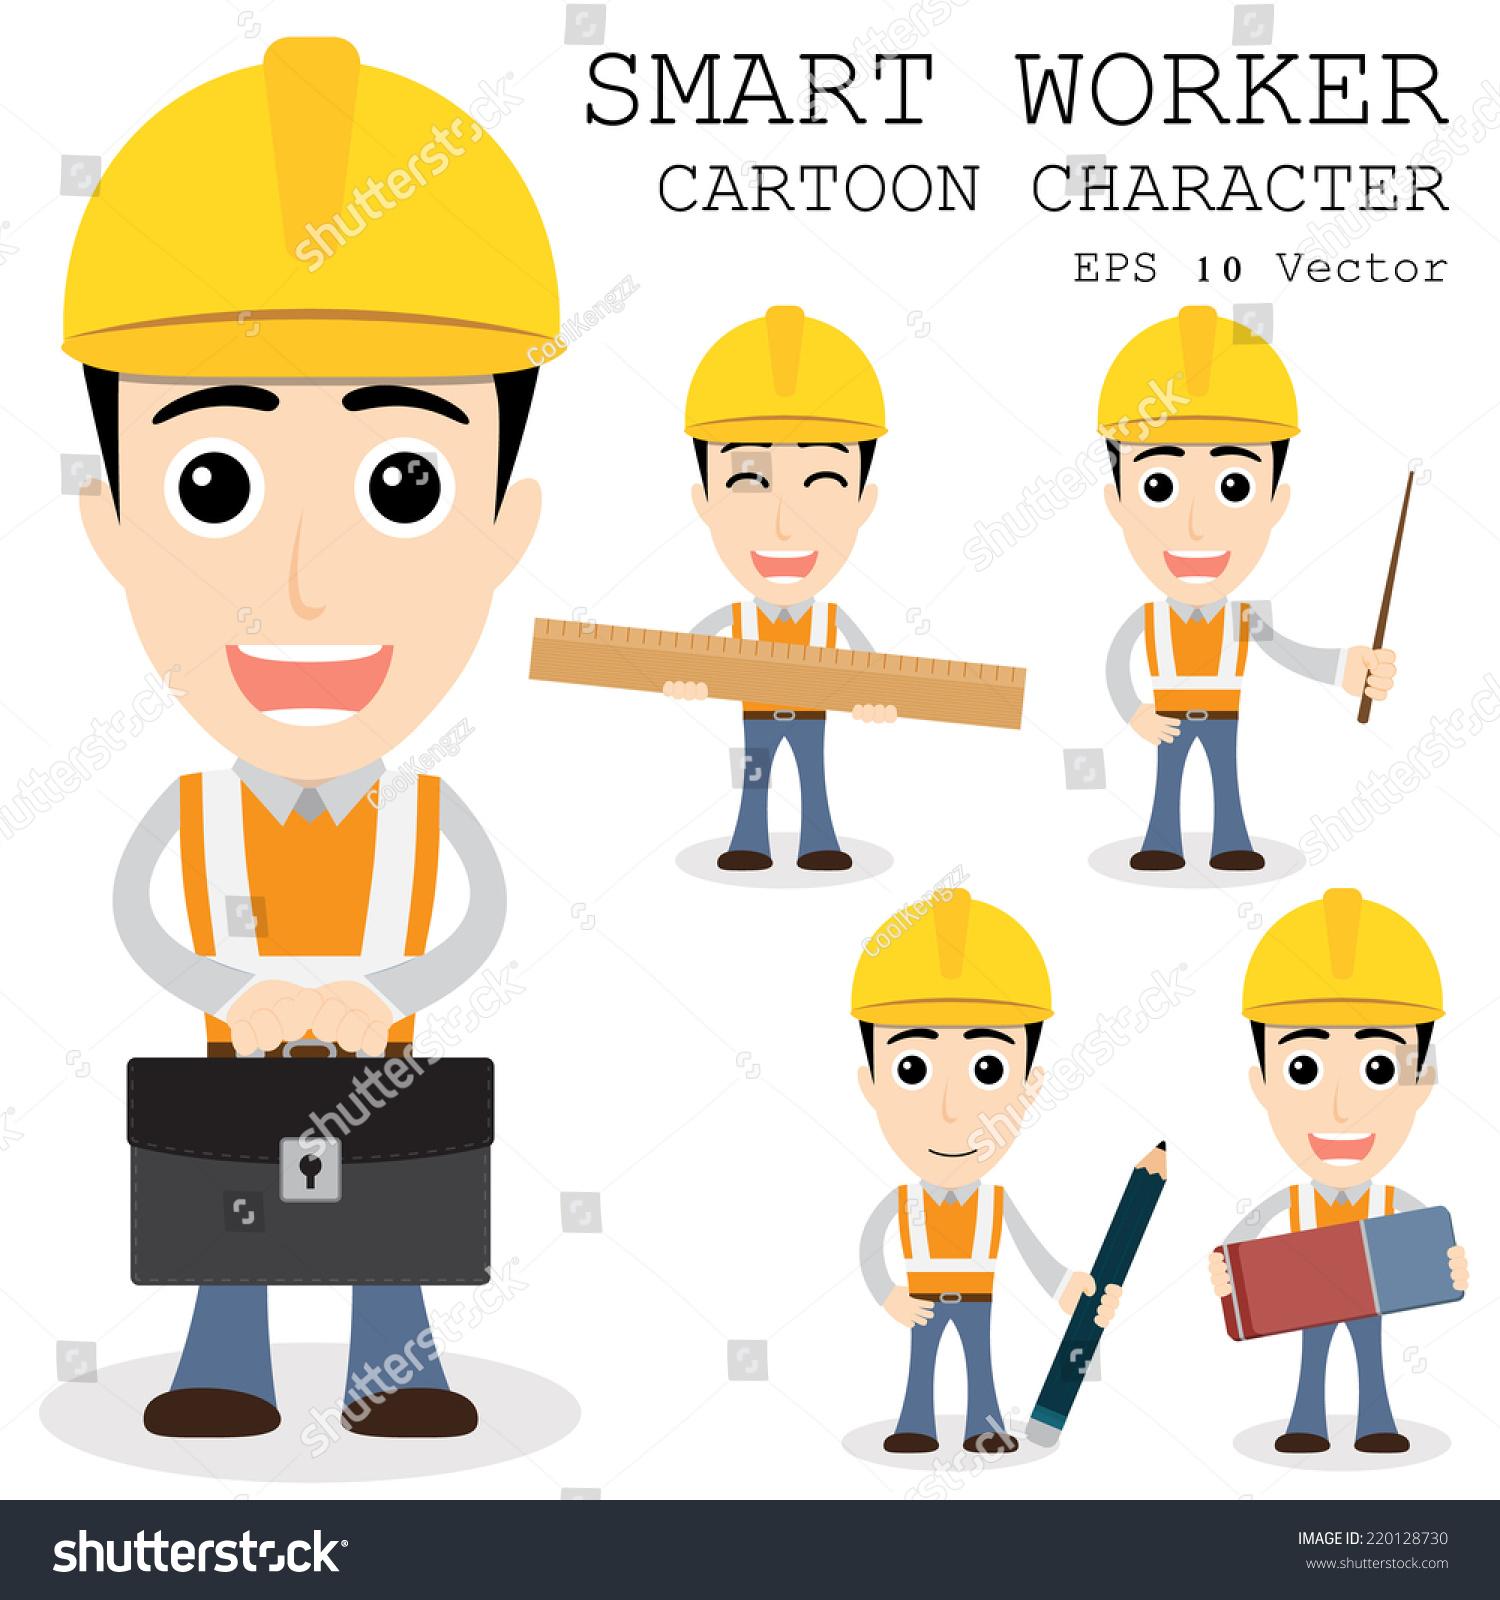 smart worker cartoon character eps stock vector  smart worker cartoon character eps 10 vector illustration